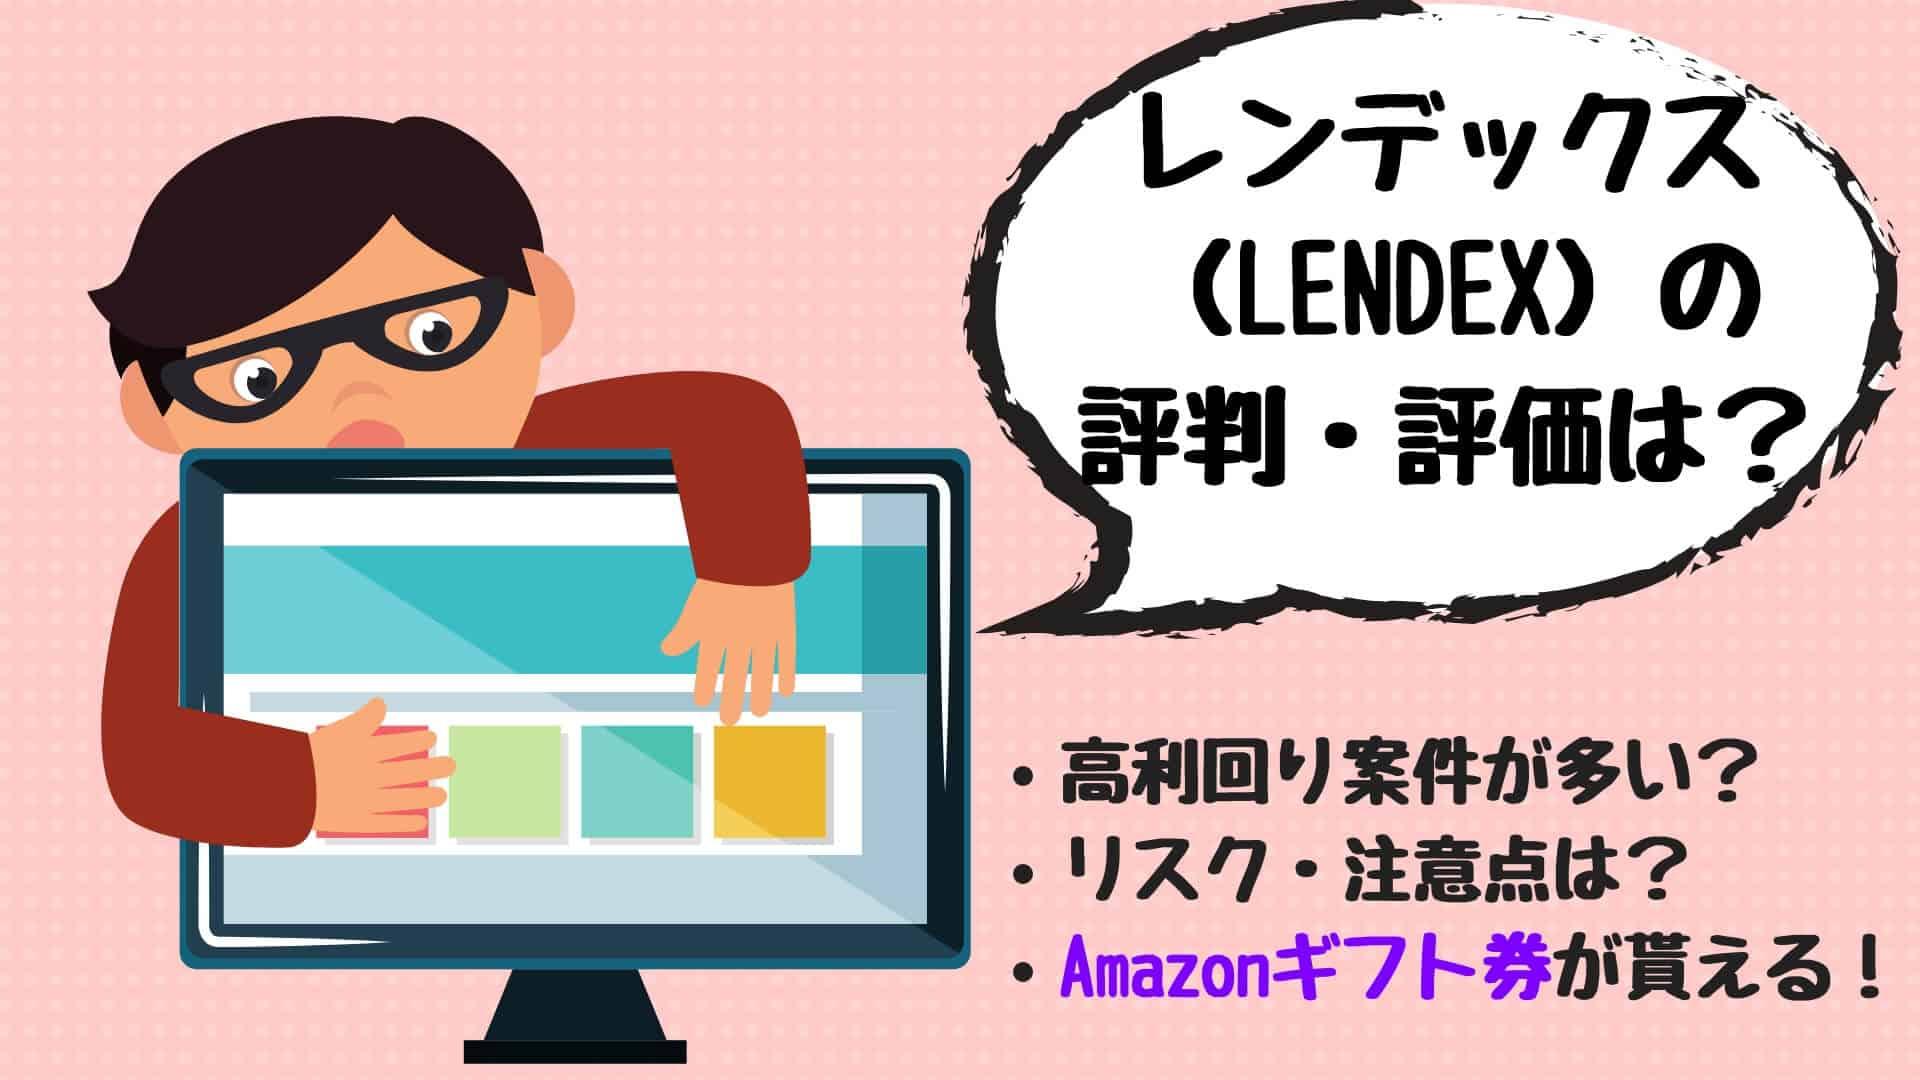 LENDEX(レンデックス)の評判は?メリットやデメリット、口コミ、おすすめ案件など解説